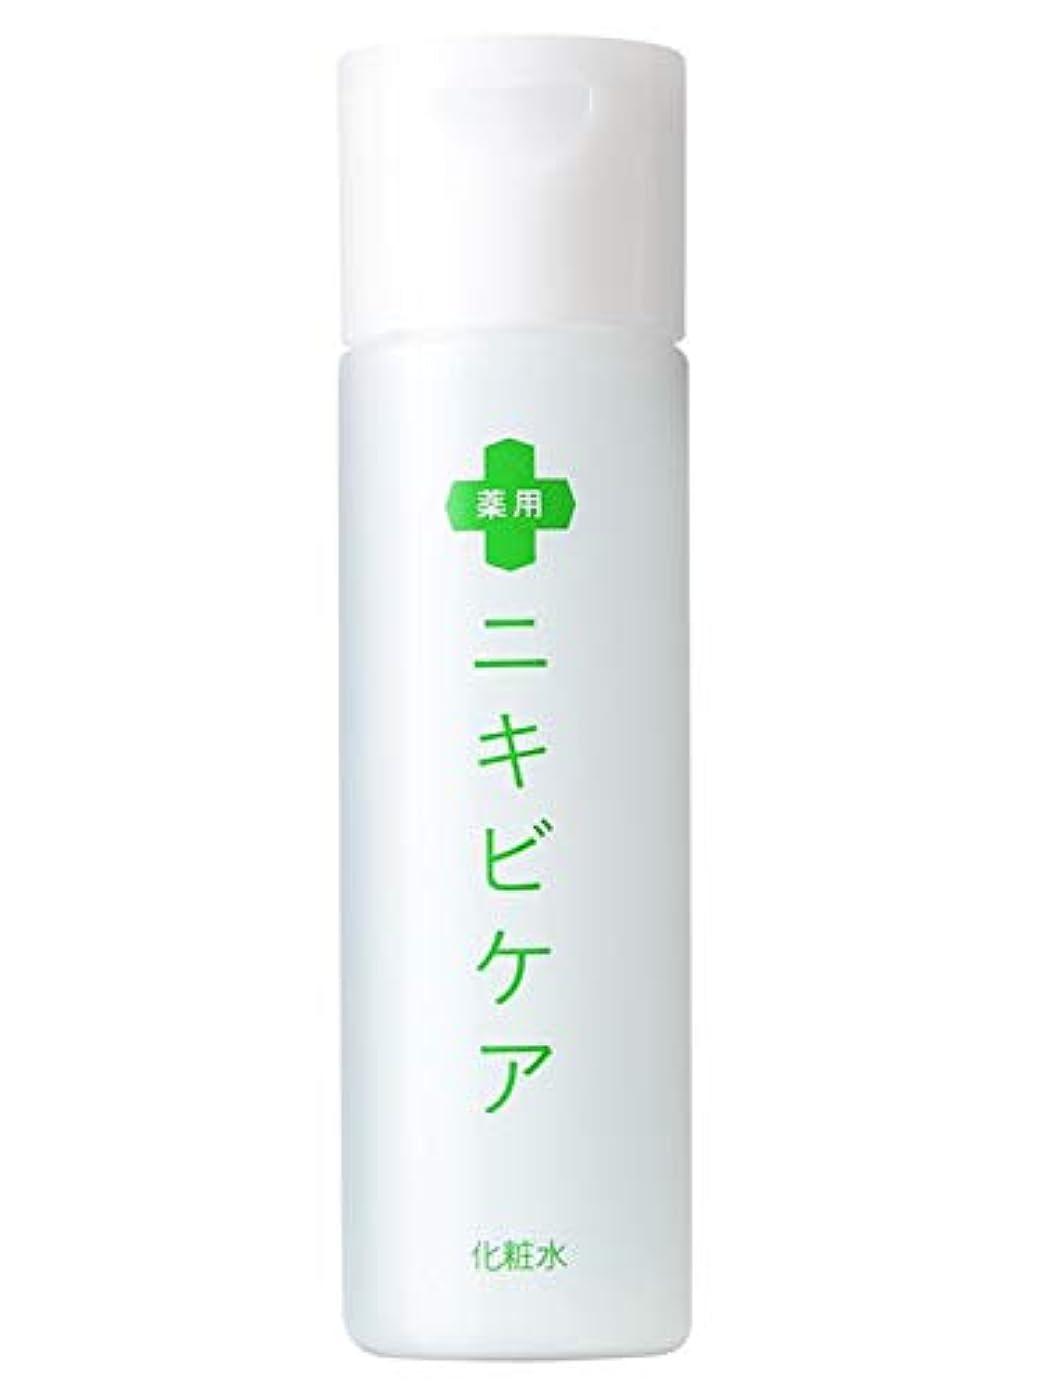 ローズヘルメット和医薬部外品 薬用 ニキビケア 化粧水 大人ニキビ 予防「 あご おでこ 鼻 ニキビ アクネ 対策」「 肌をひきしめサラサラに 」「 コラーゲン プラセンタ 配合 」 メンズ & レディース 120ml